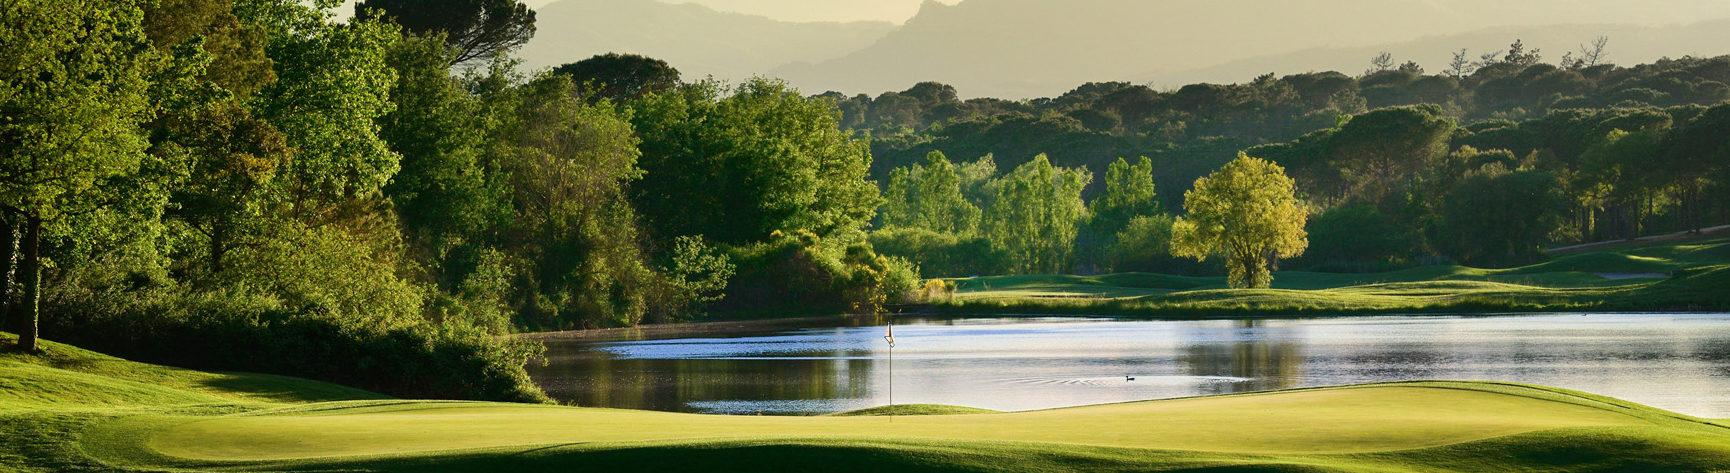 2. PGA Catalunya Resort_Stadium Course_Hole 13 (iconic)